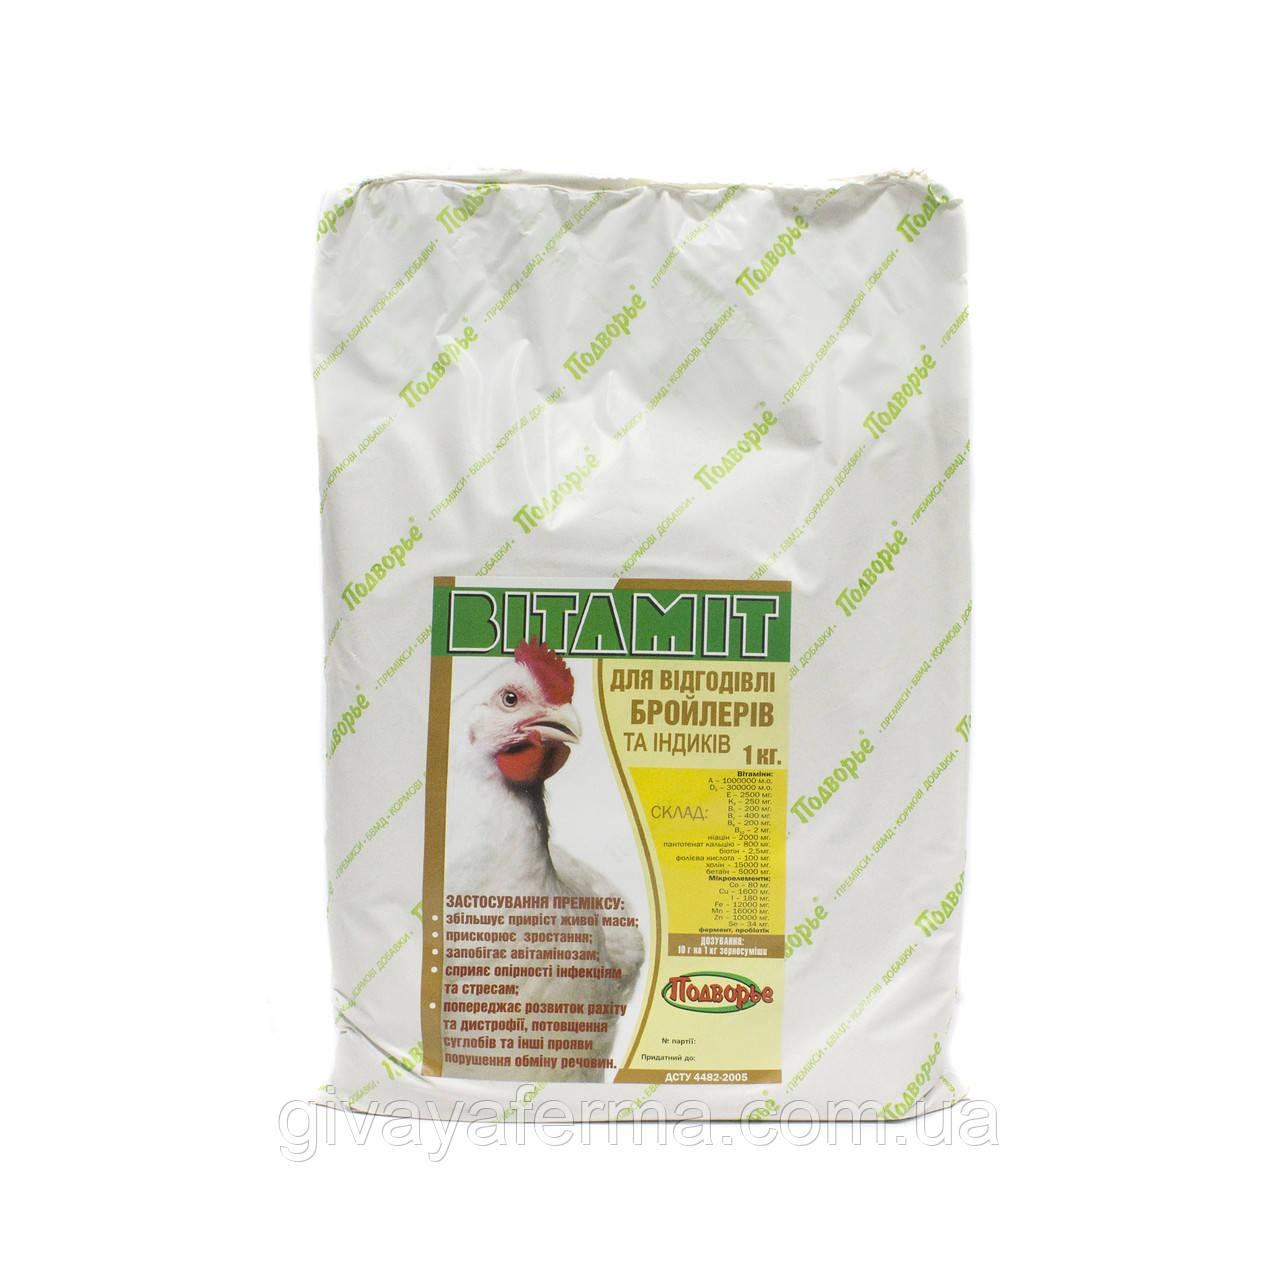 Премикс Витамит- бройлер откорм 1%, 1 кг (для бройлеров и индюков) витаминно-минеральный комплекс